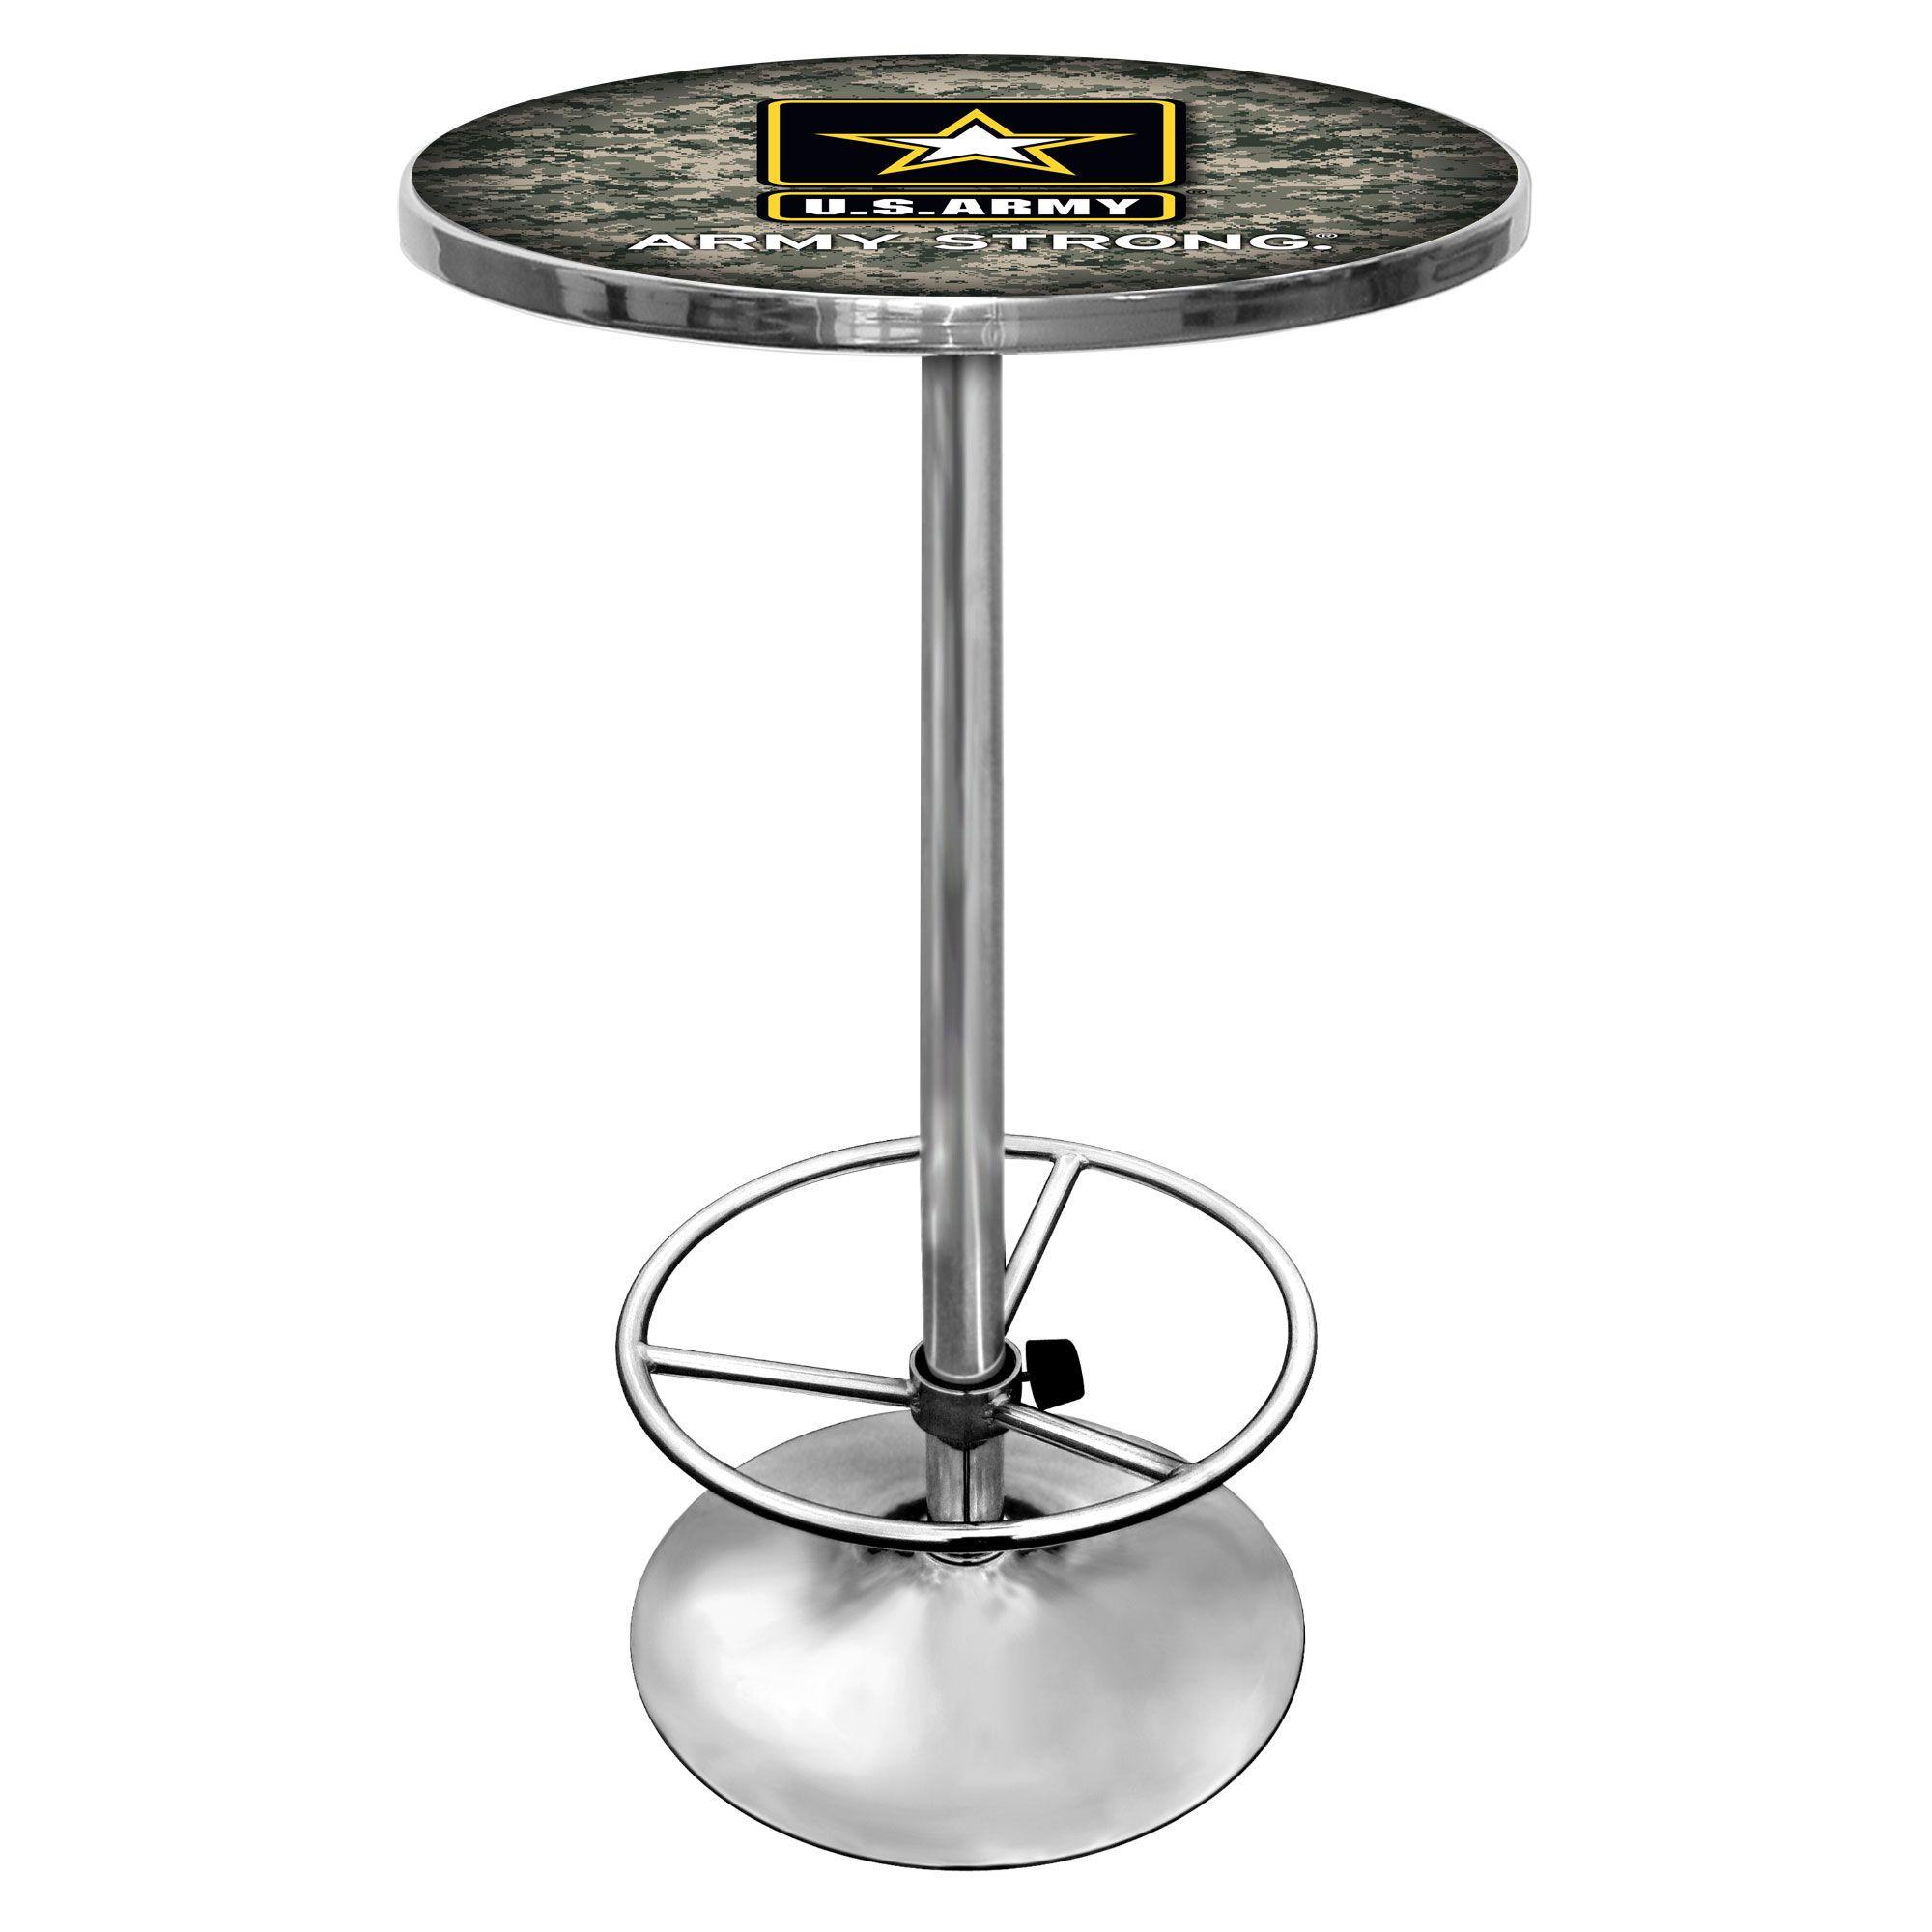 U.S. Army Chrome Pub Table